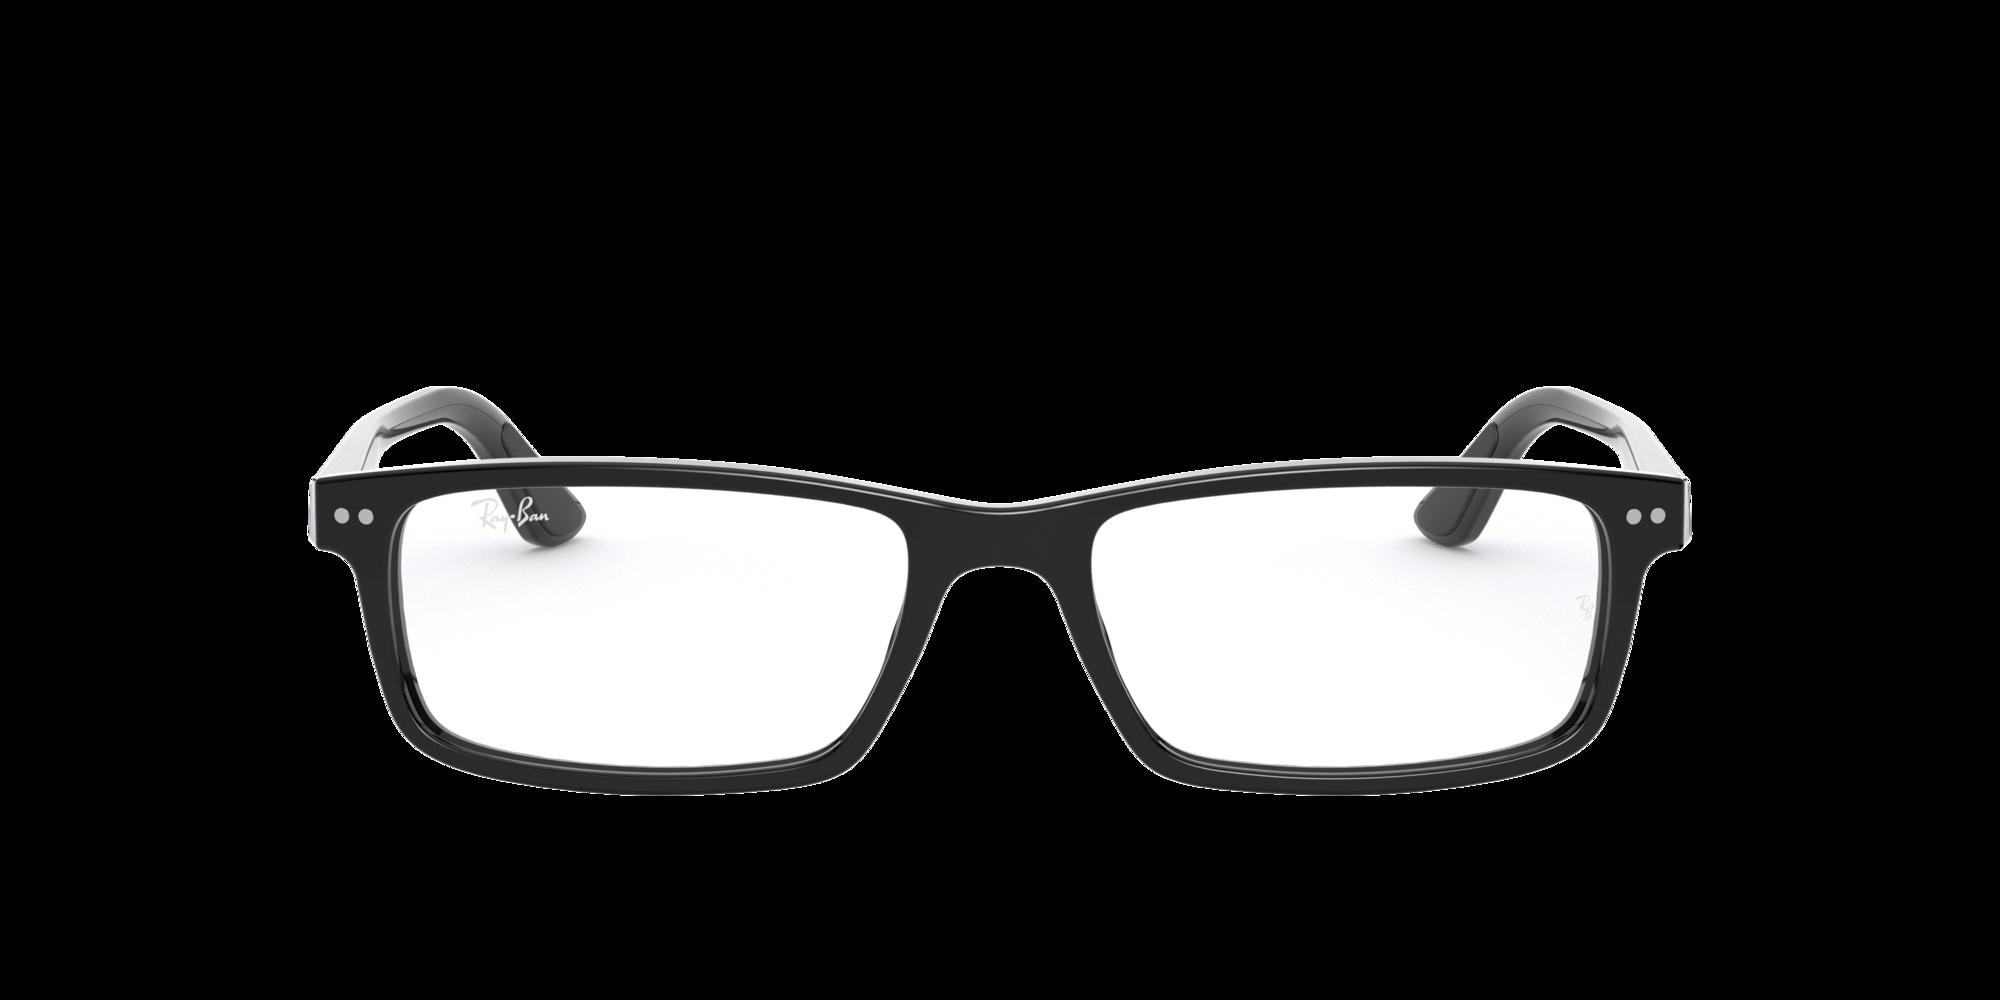 Imagen para RX5277 de LensCrafters |  Espejuelos, espejuelos graduados en línea, gafas